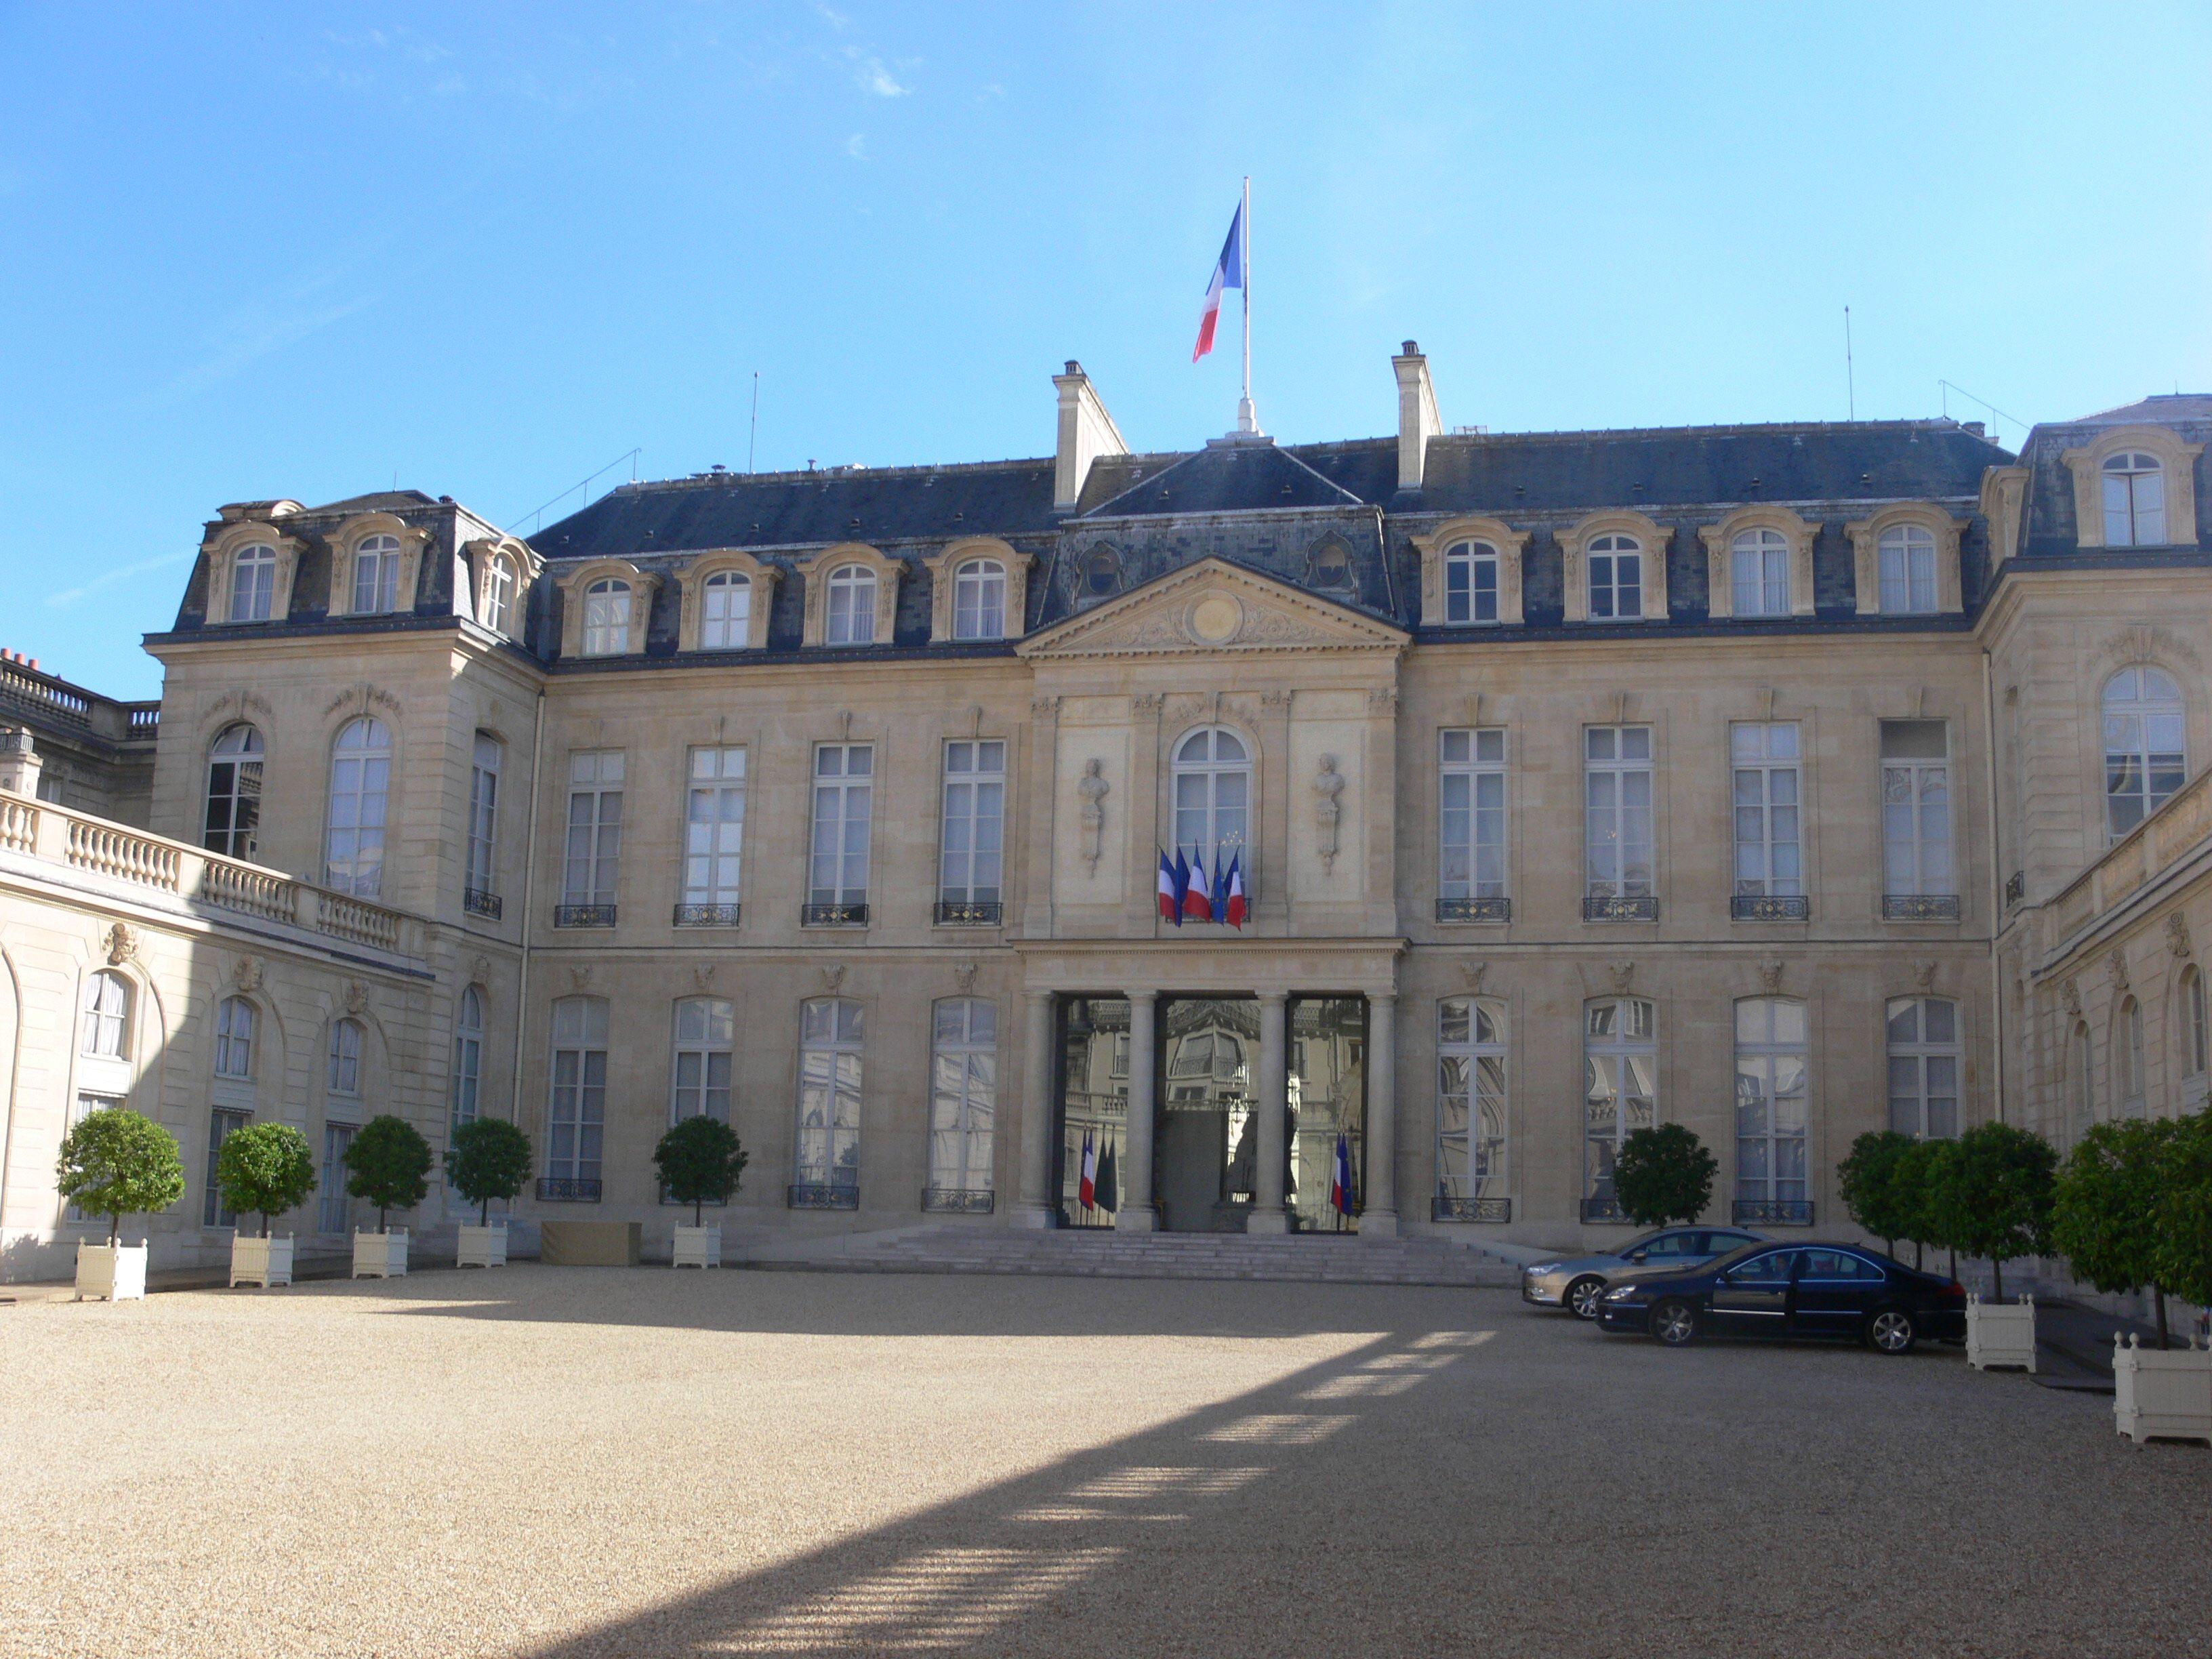 Où l'on apprend que d'anciens membres du personnel de l'Elysée, comme l'ancien majordome personnel de Jacques Chirac, sont toujours logés gracieusement